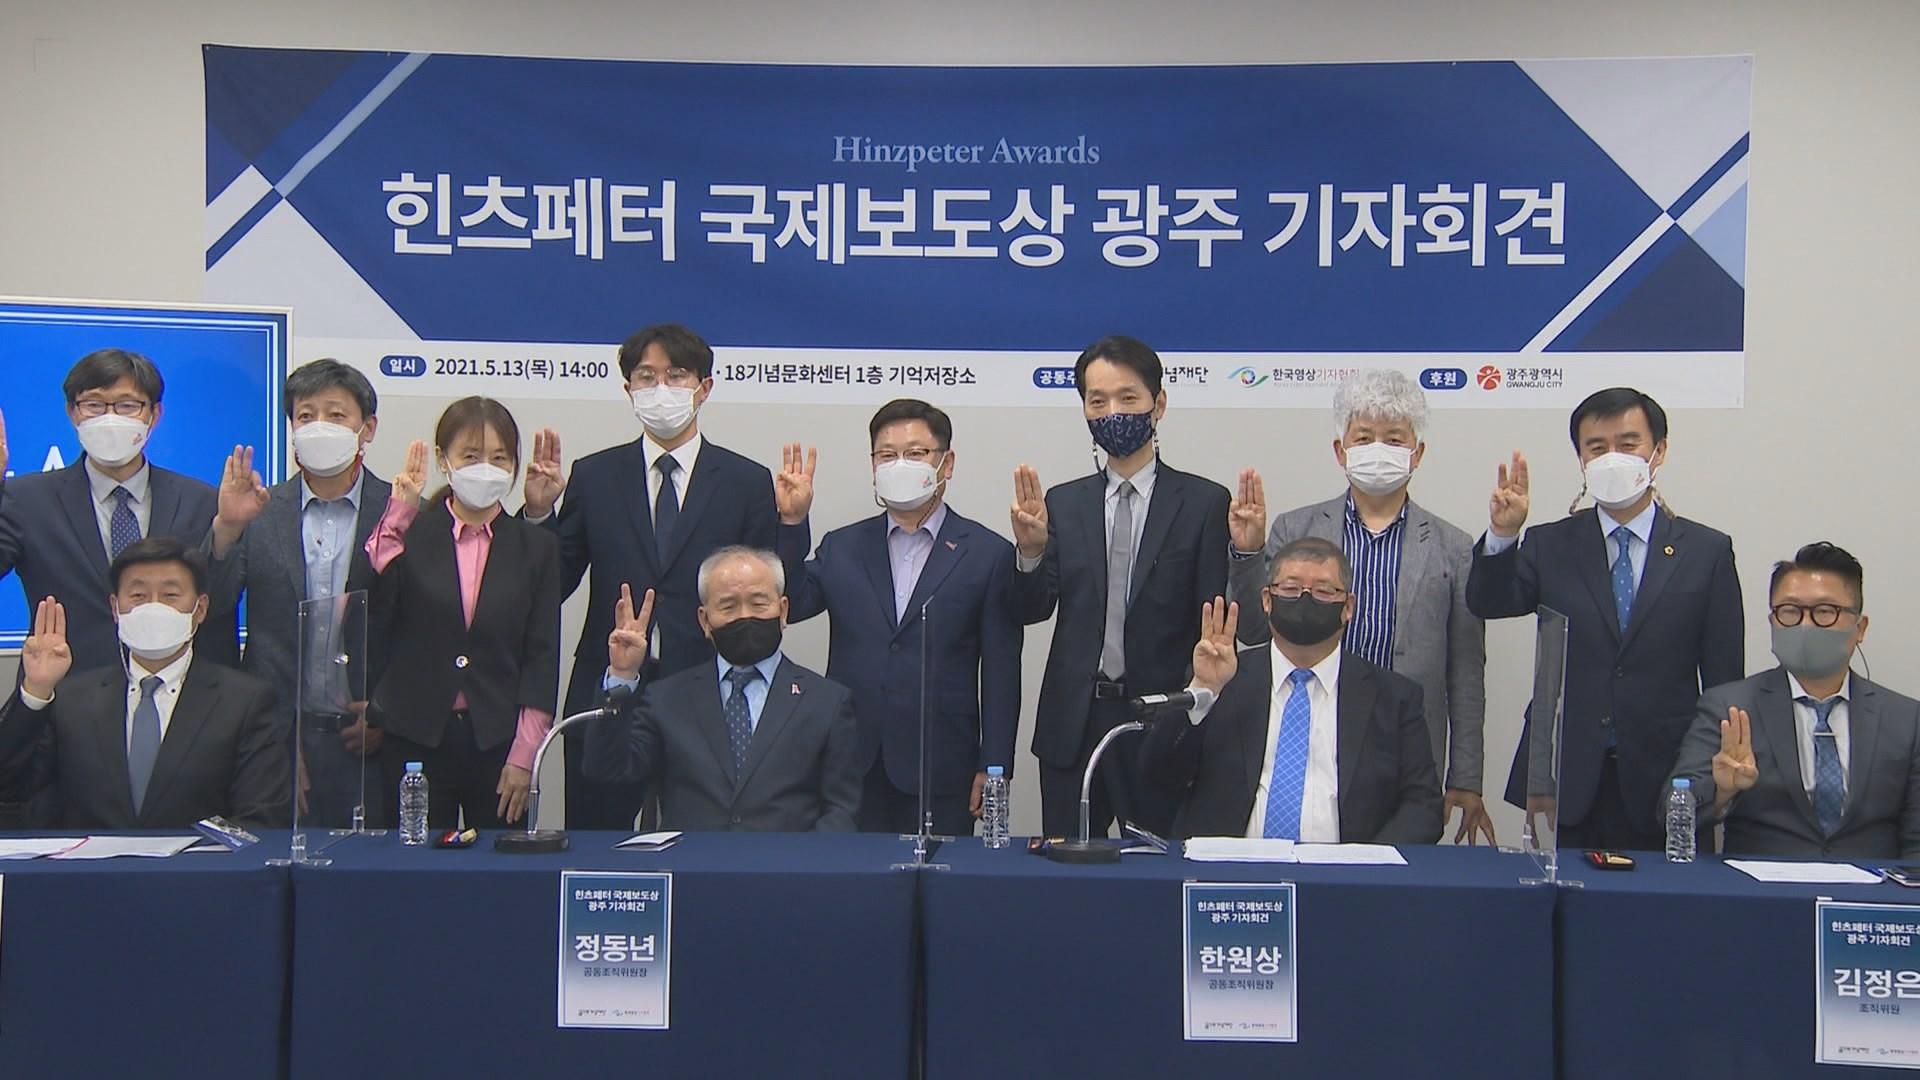 5·18 재단·한국영상기자협회, '힌츠페터 국제보도상' 제정